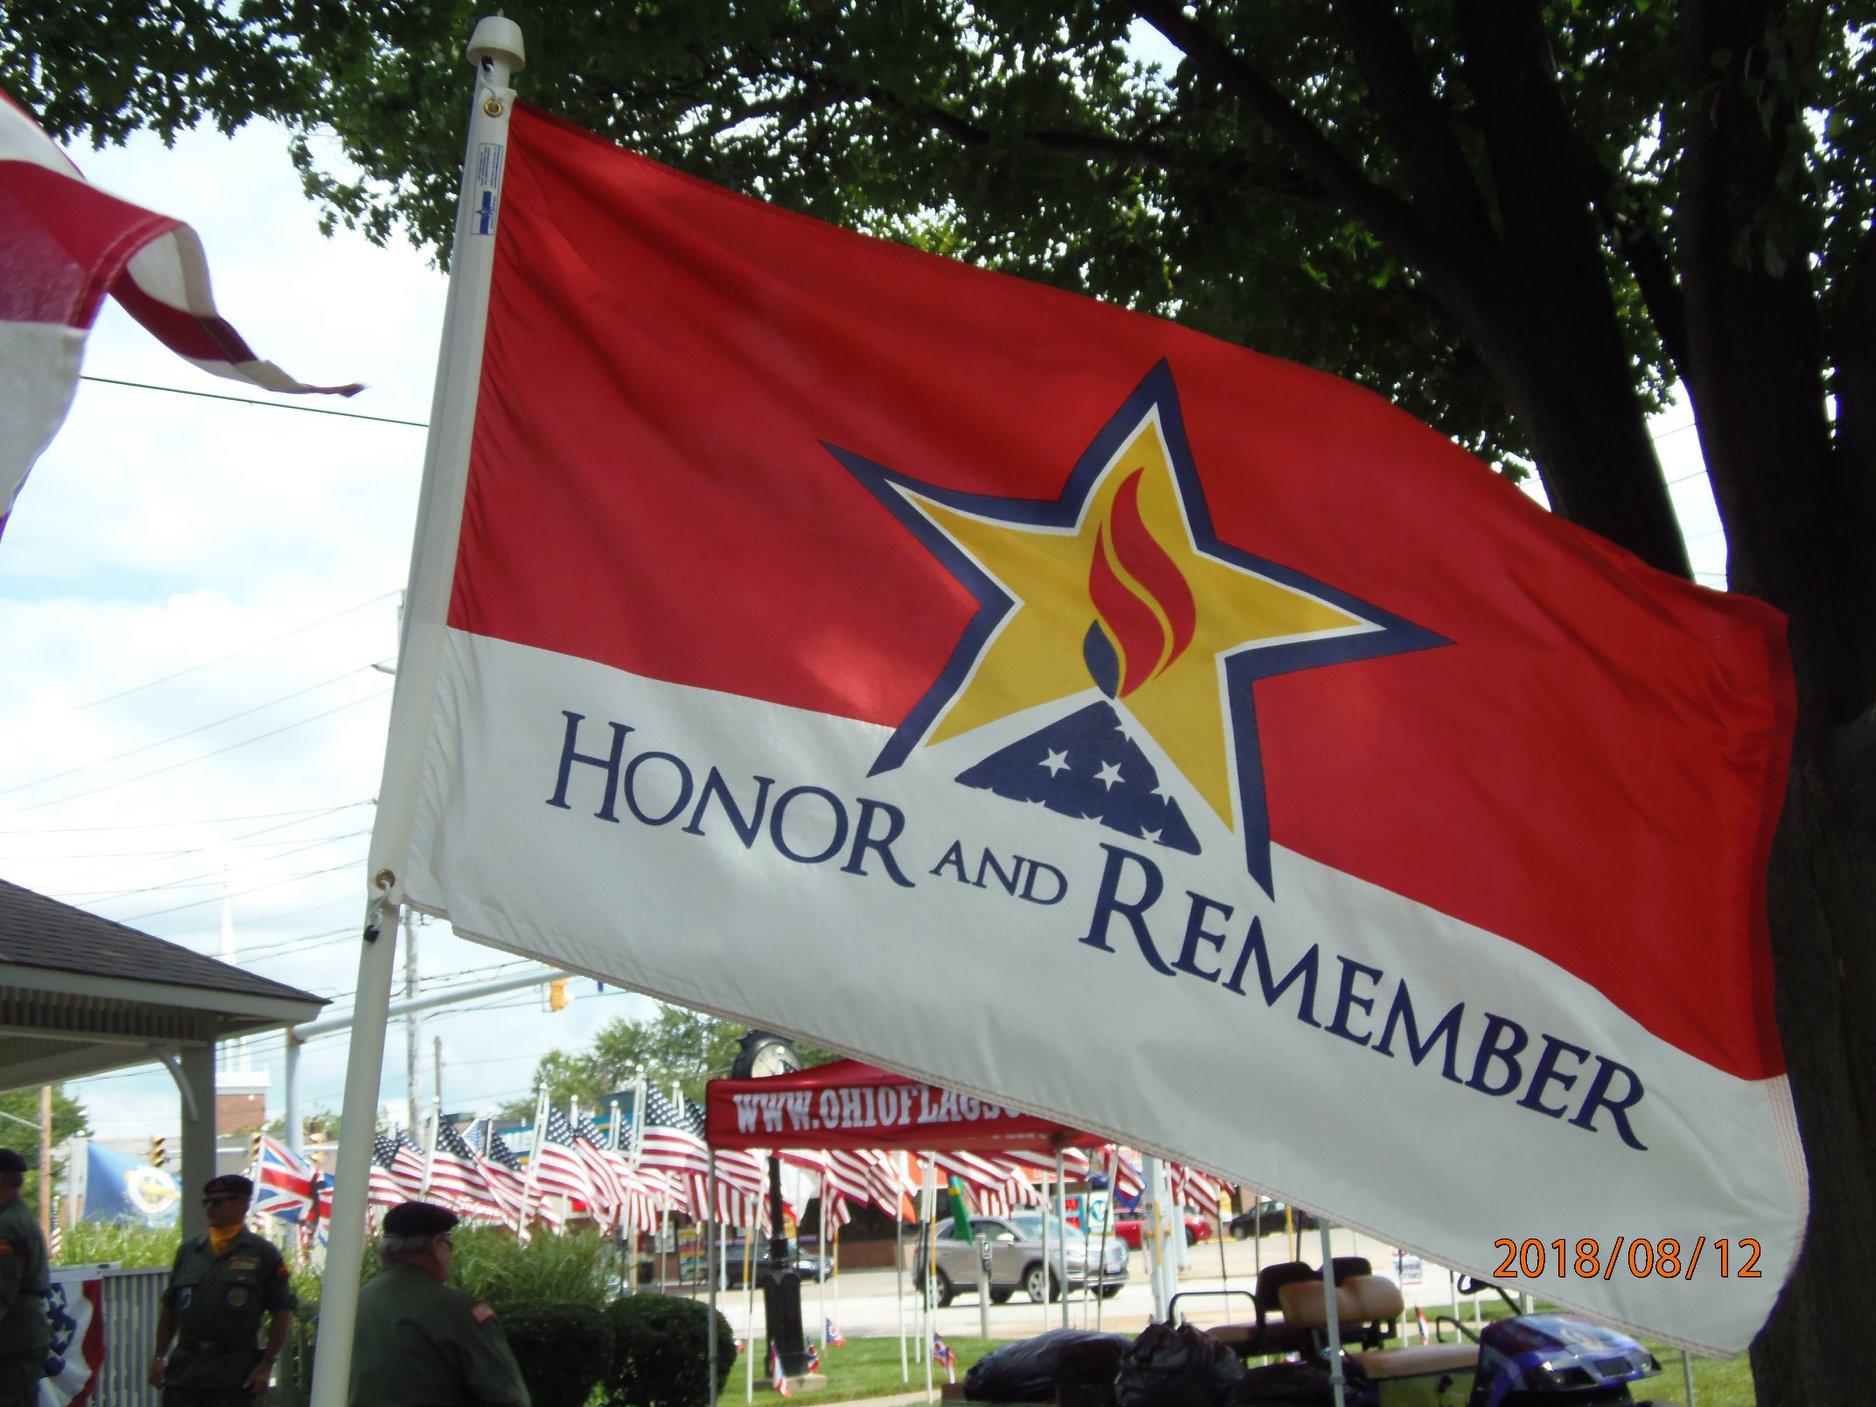 honor1.jpg